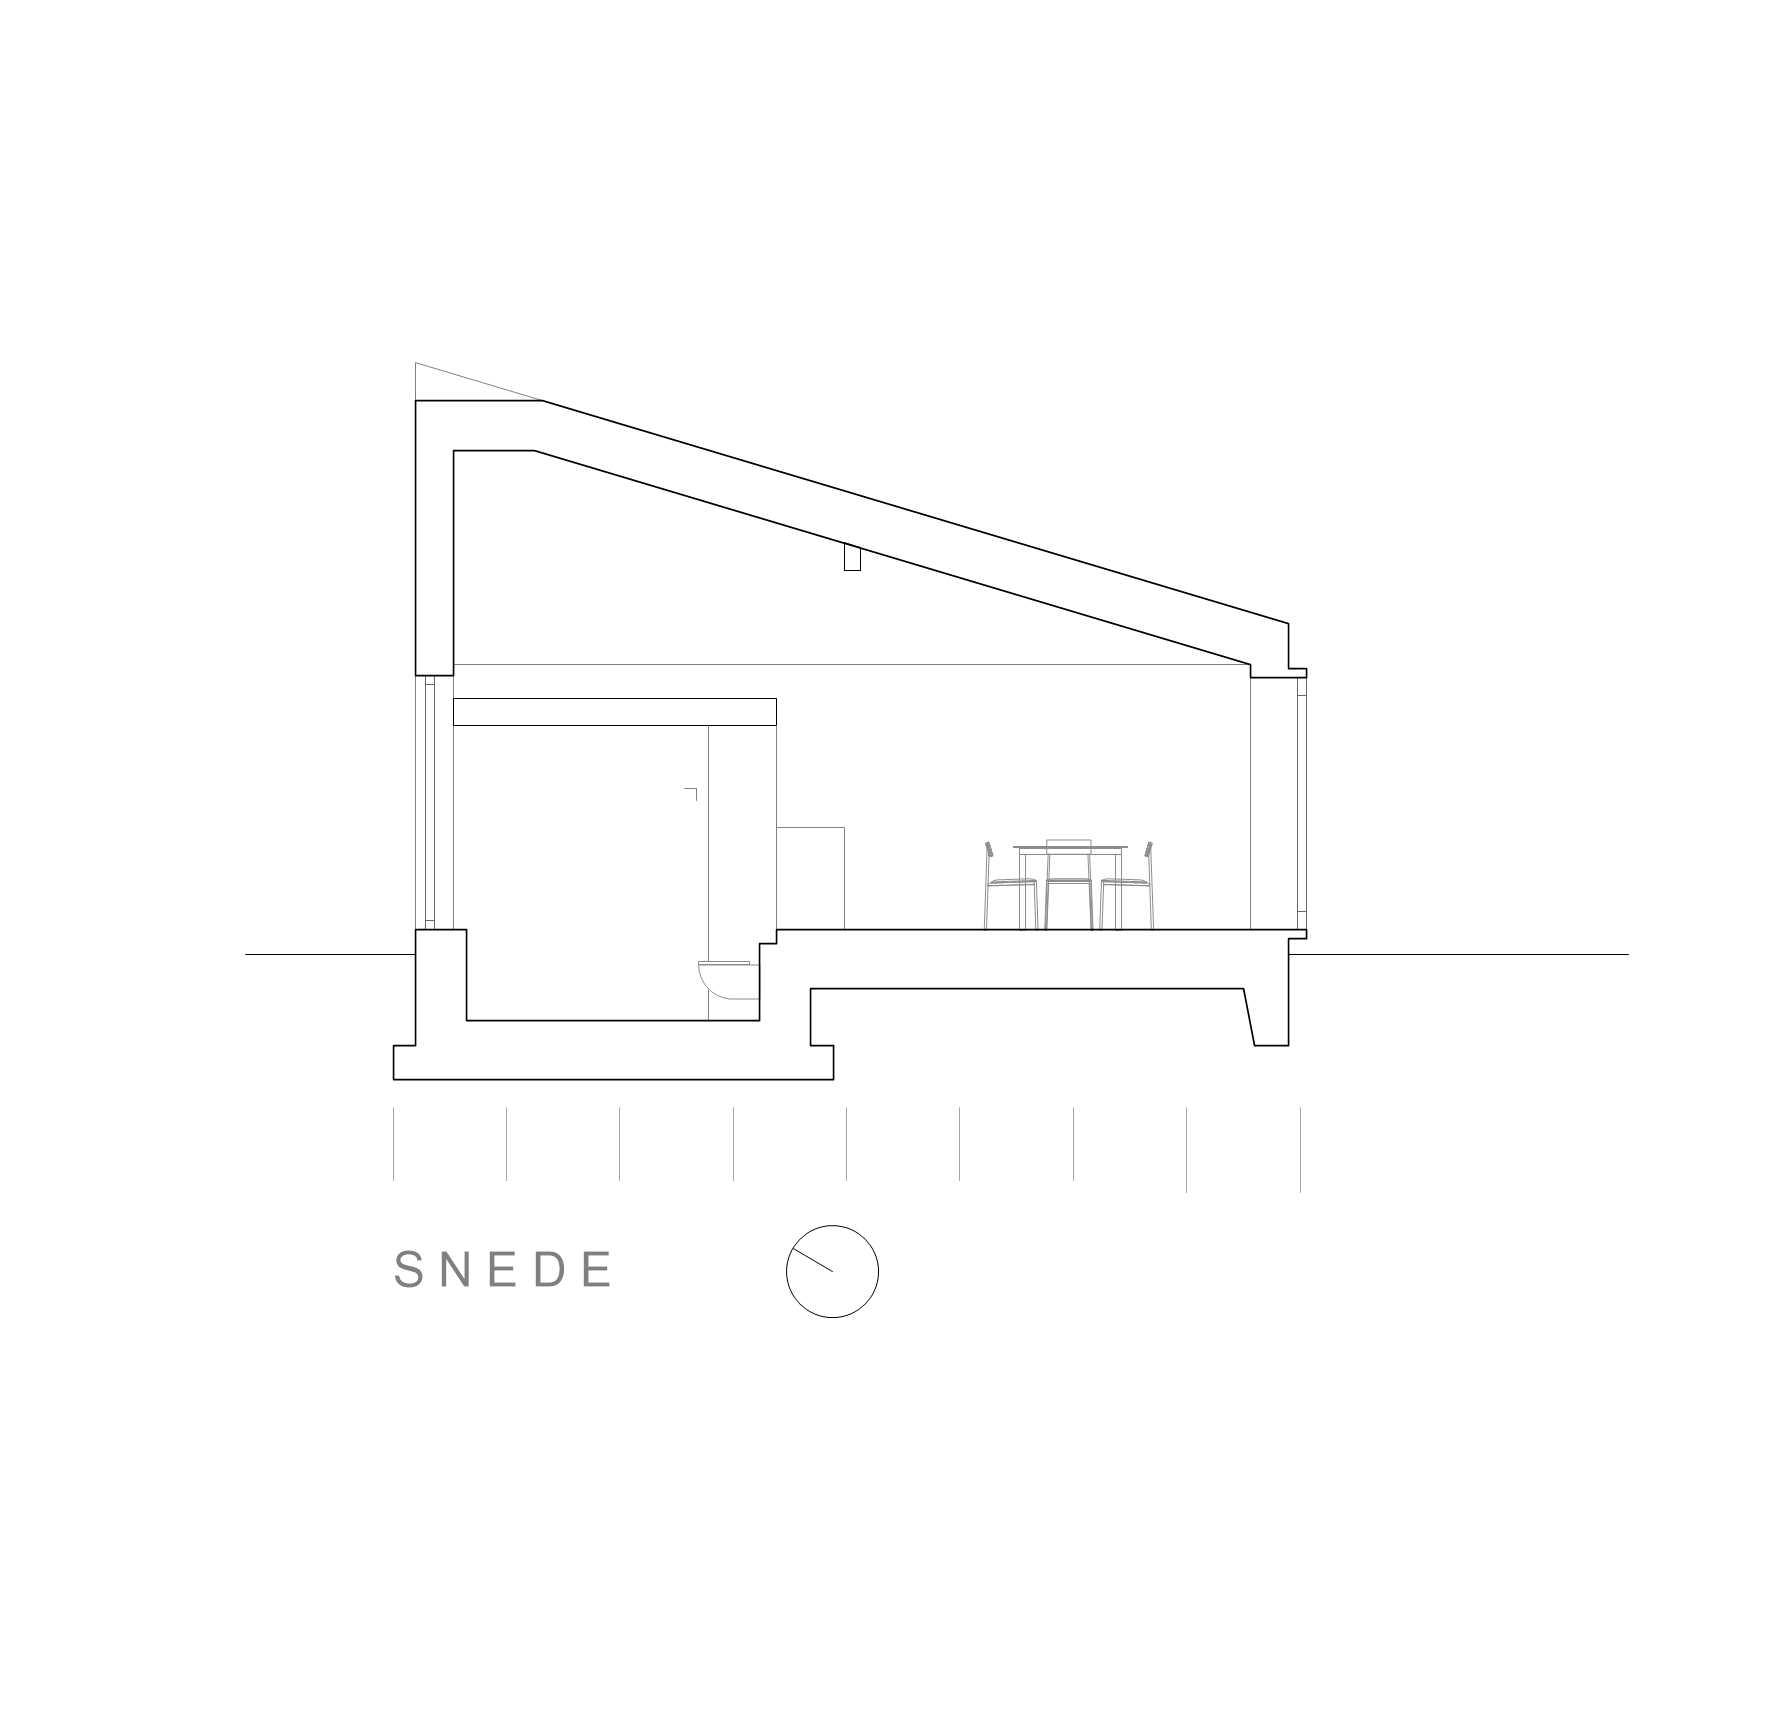 K1804_snede